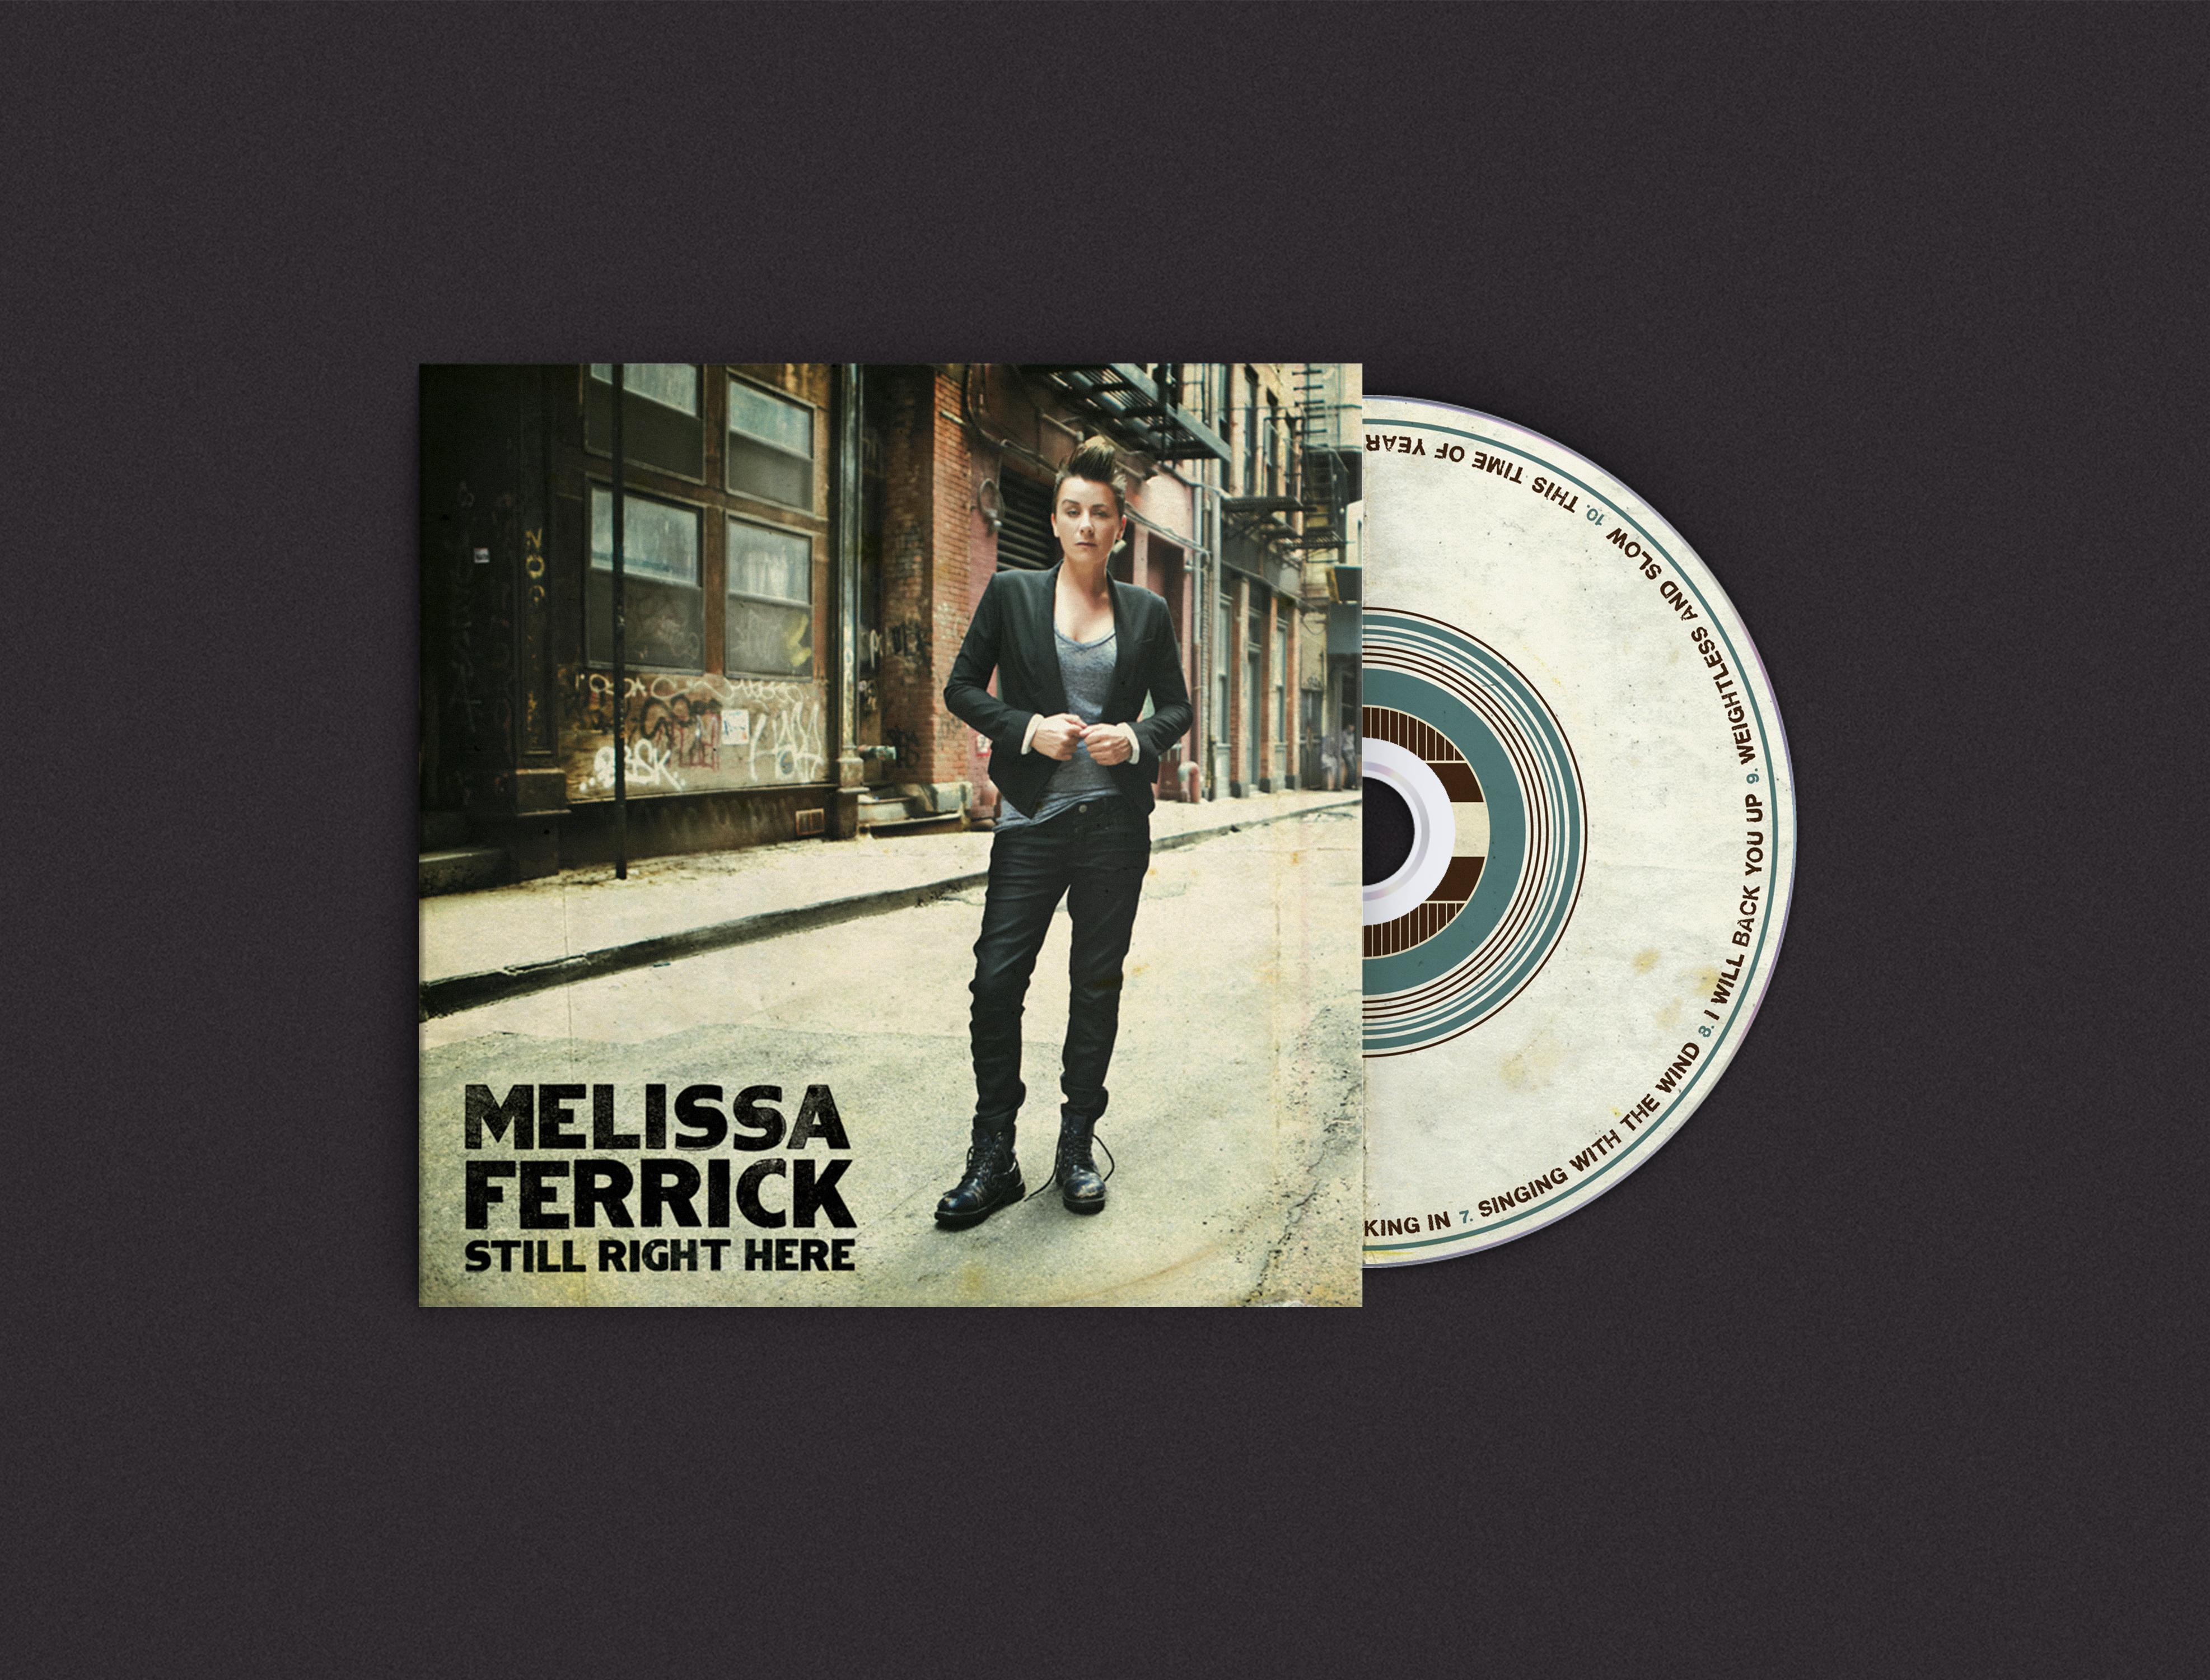 Melissa Ferrick Still Right Here